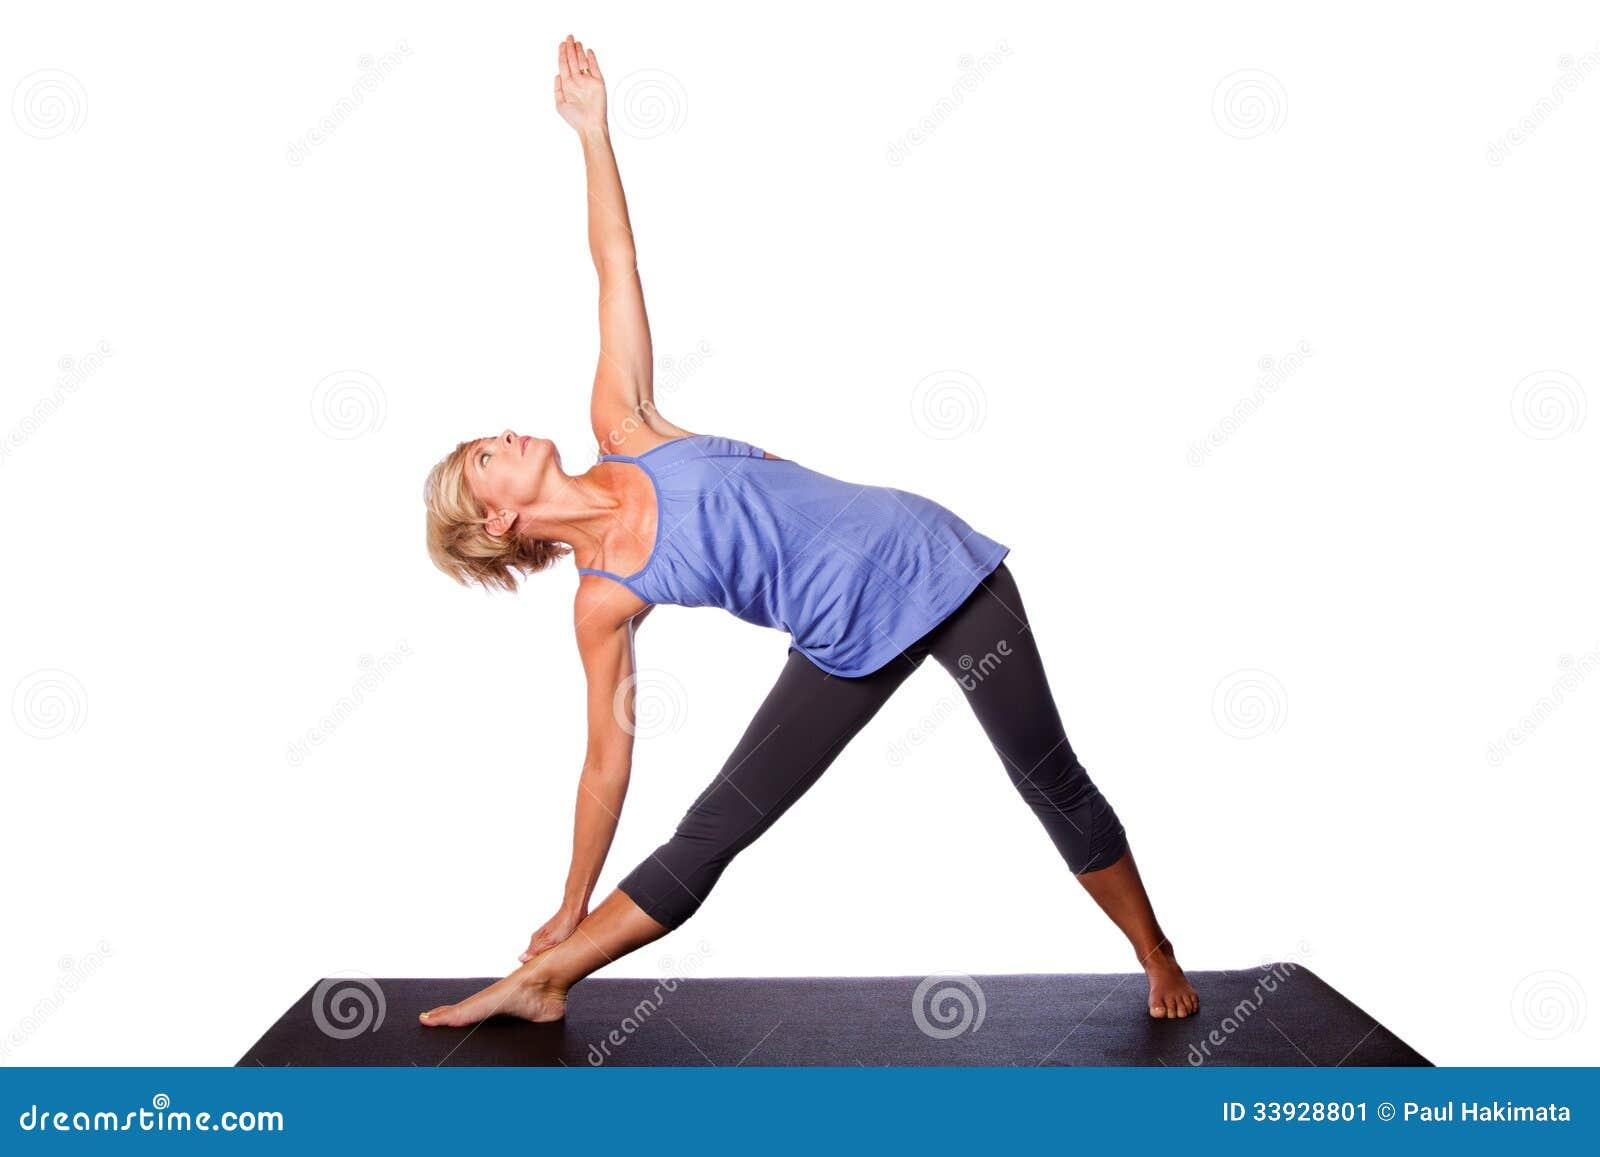 做三角瑜伽姿势的美丽的妇女